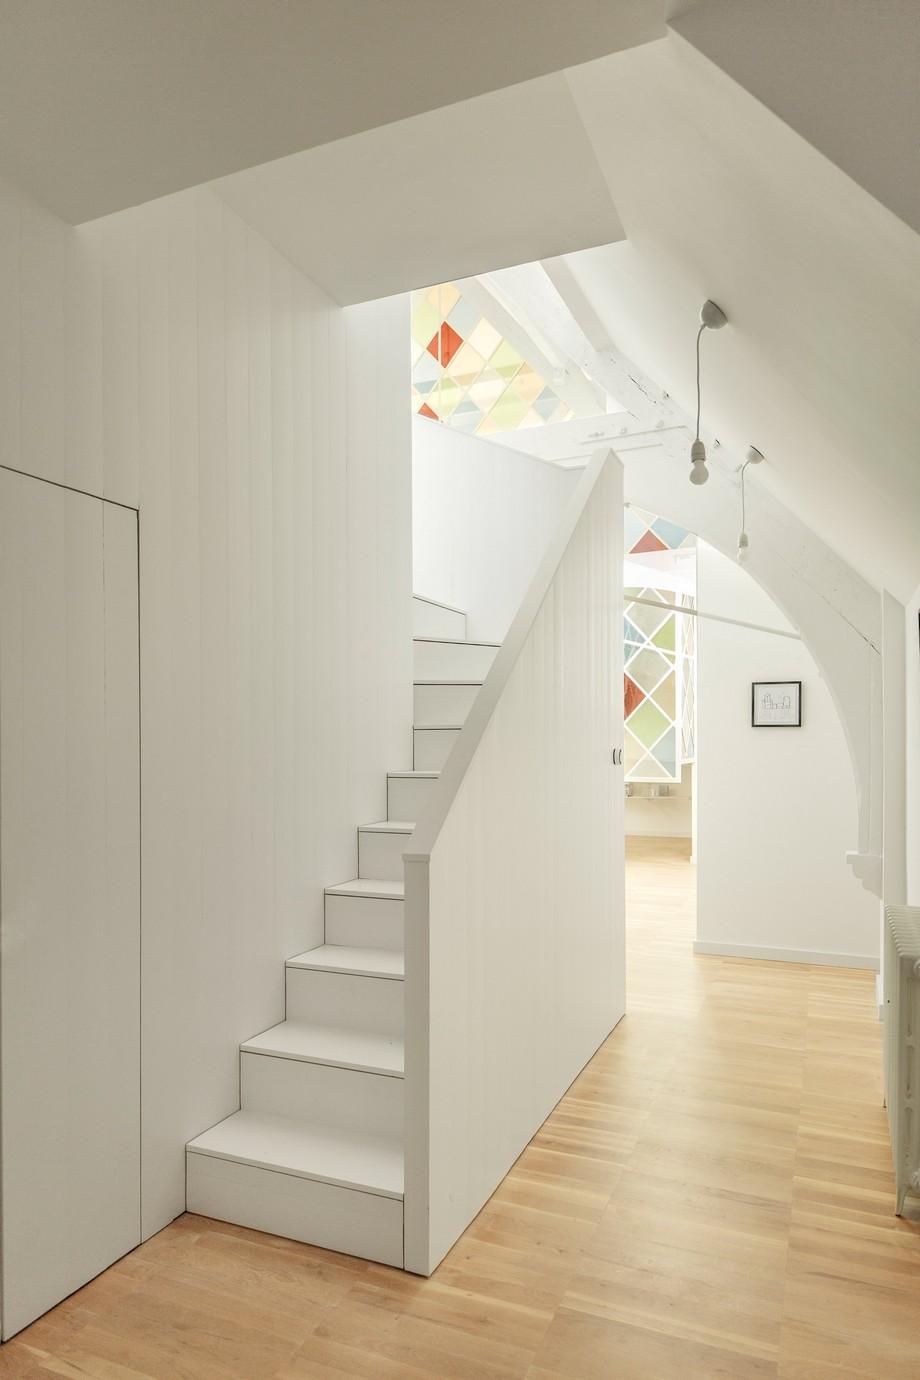 Một nhà bếp và phòng tắm đã được chèn dưới một trong những tầng lửng